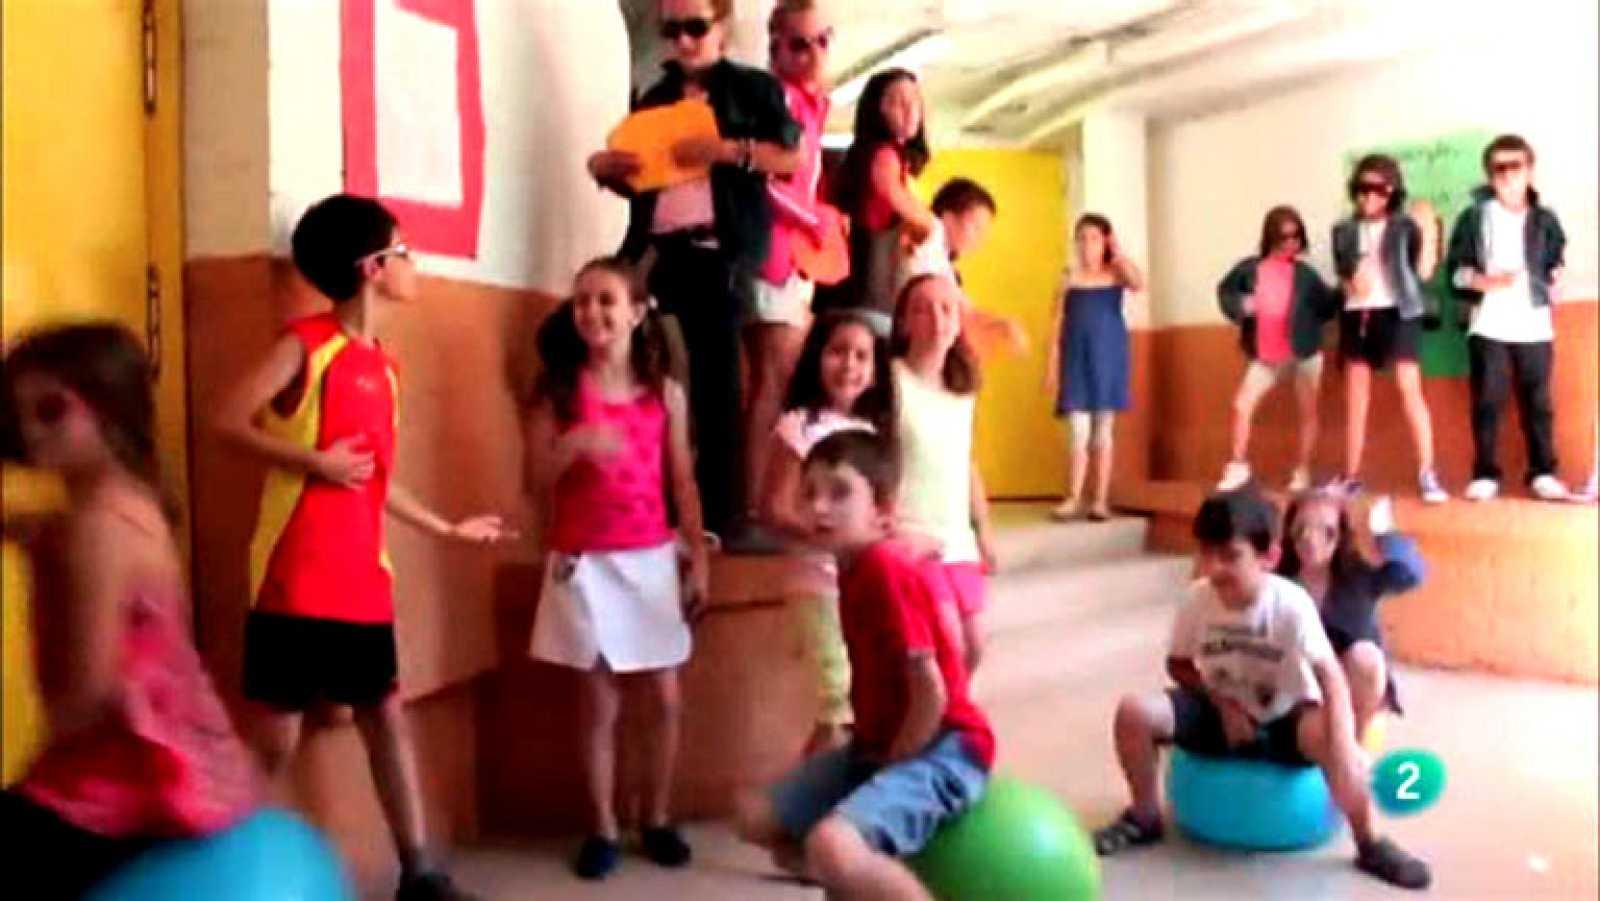 La aventura del Saber Escuela inclusiva 2 supercole educación #AventuraSaber Colegio Lourdes de Madrid